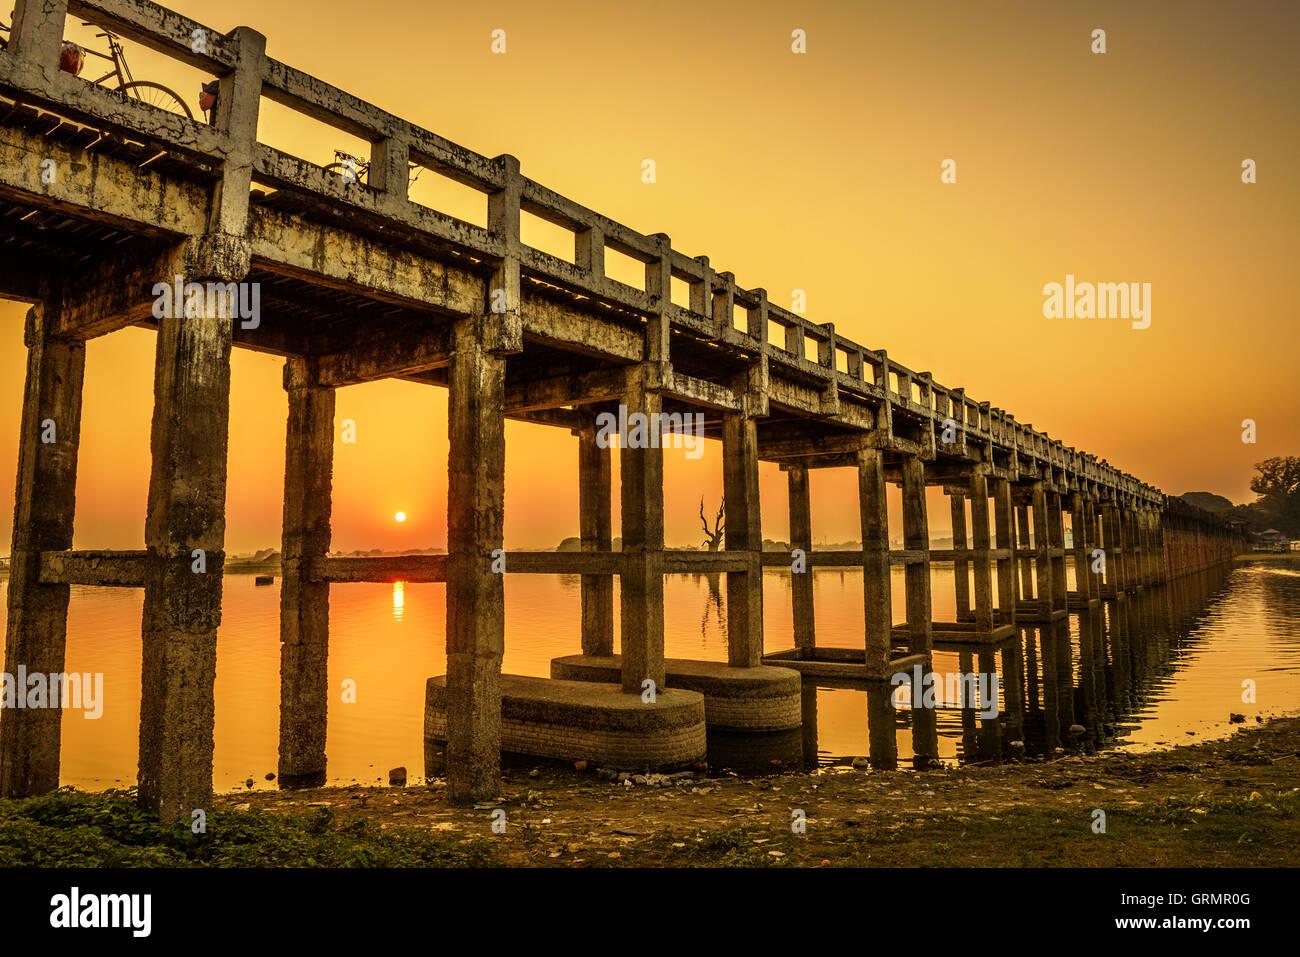 Sonnenuntergang über der historischen hölzernen U Bein Brücke in der Nähe von Mandalay in Myanmar. Stockbild